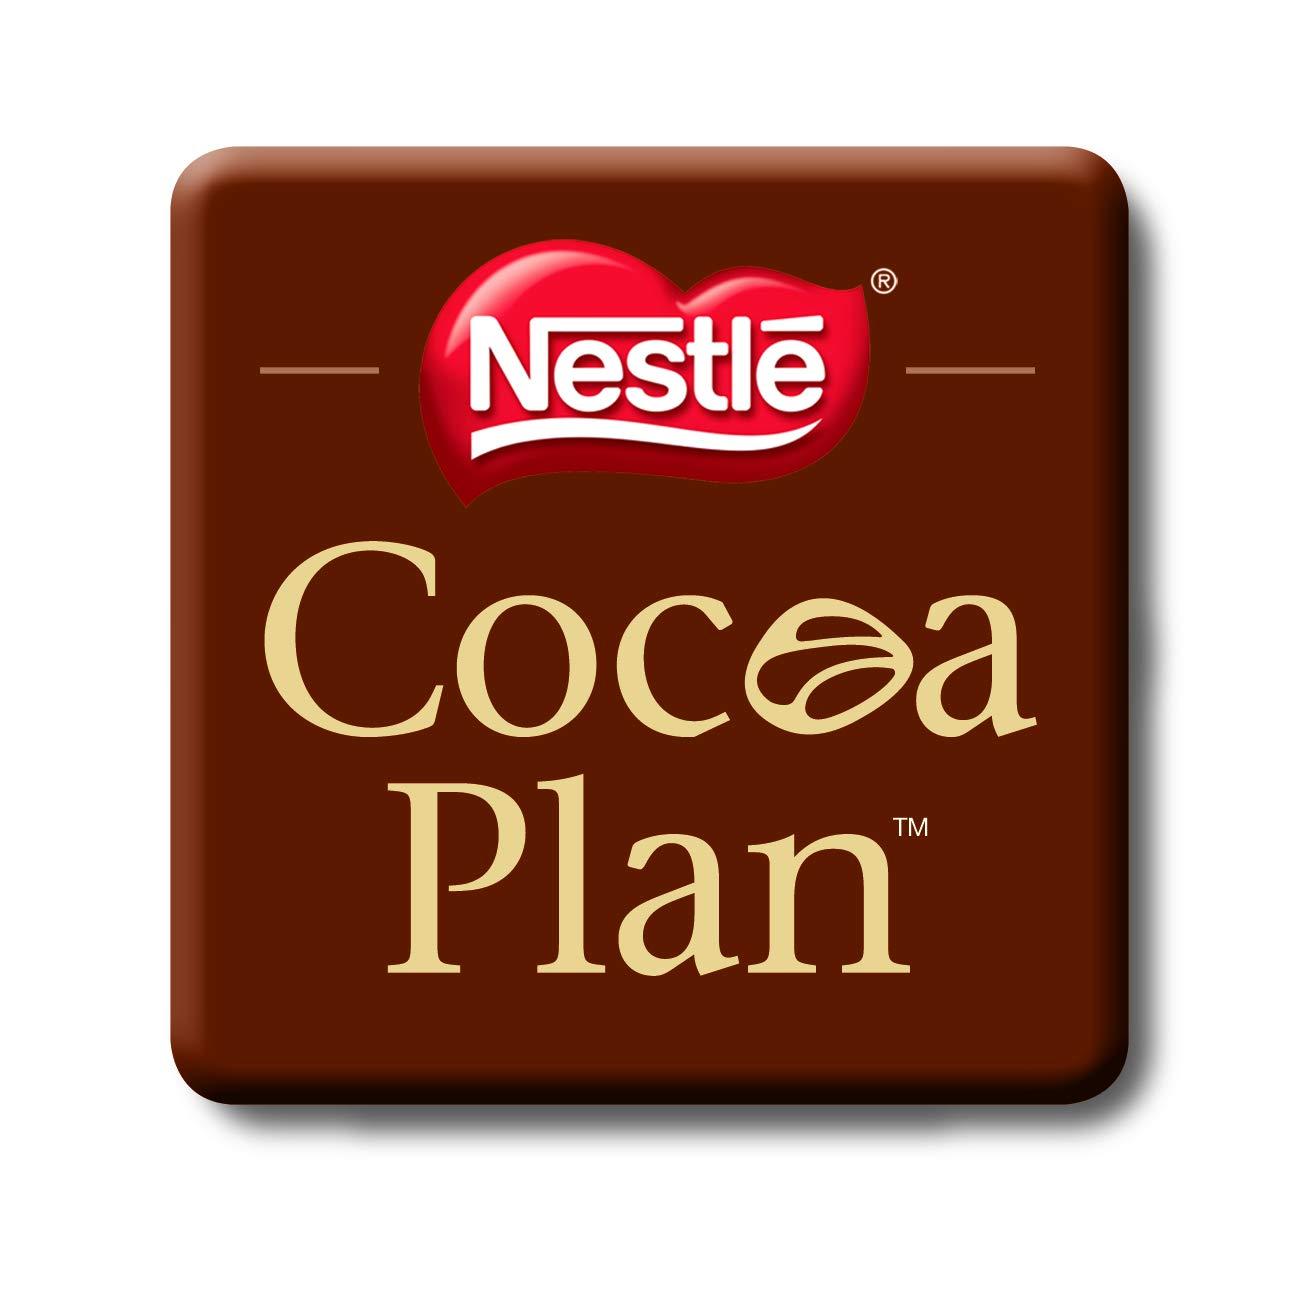 Nestlé Extrafino 3 Chocolates Chocolate Blanco negro y con Leche - Tableta de Chocolate 120 gr: Amazon.es: Amazon Pantry